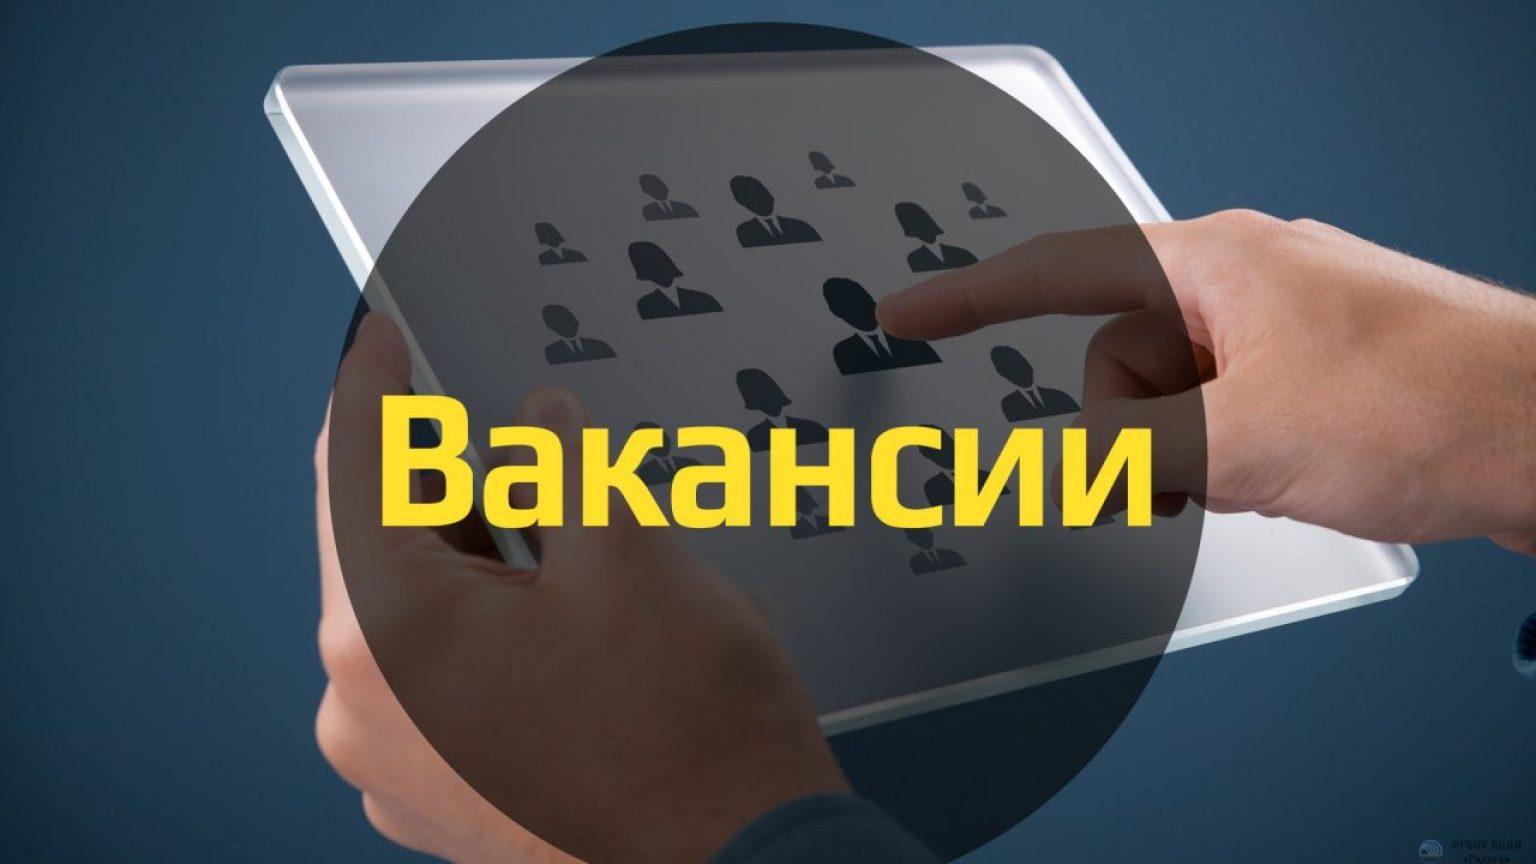 1. volhovsmi.ru